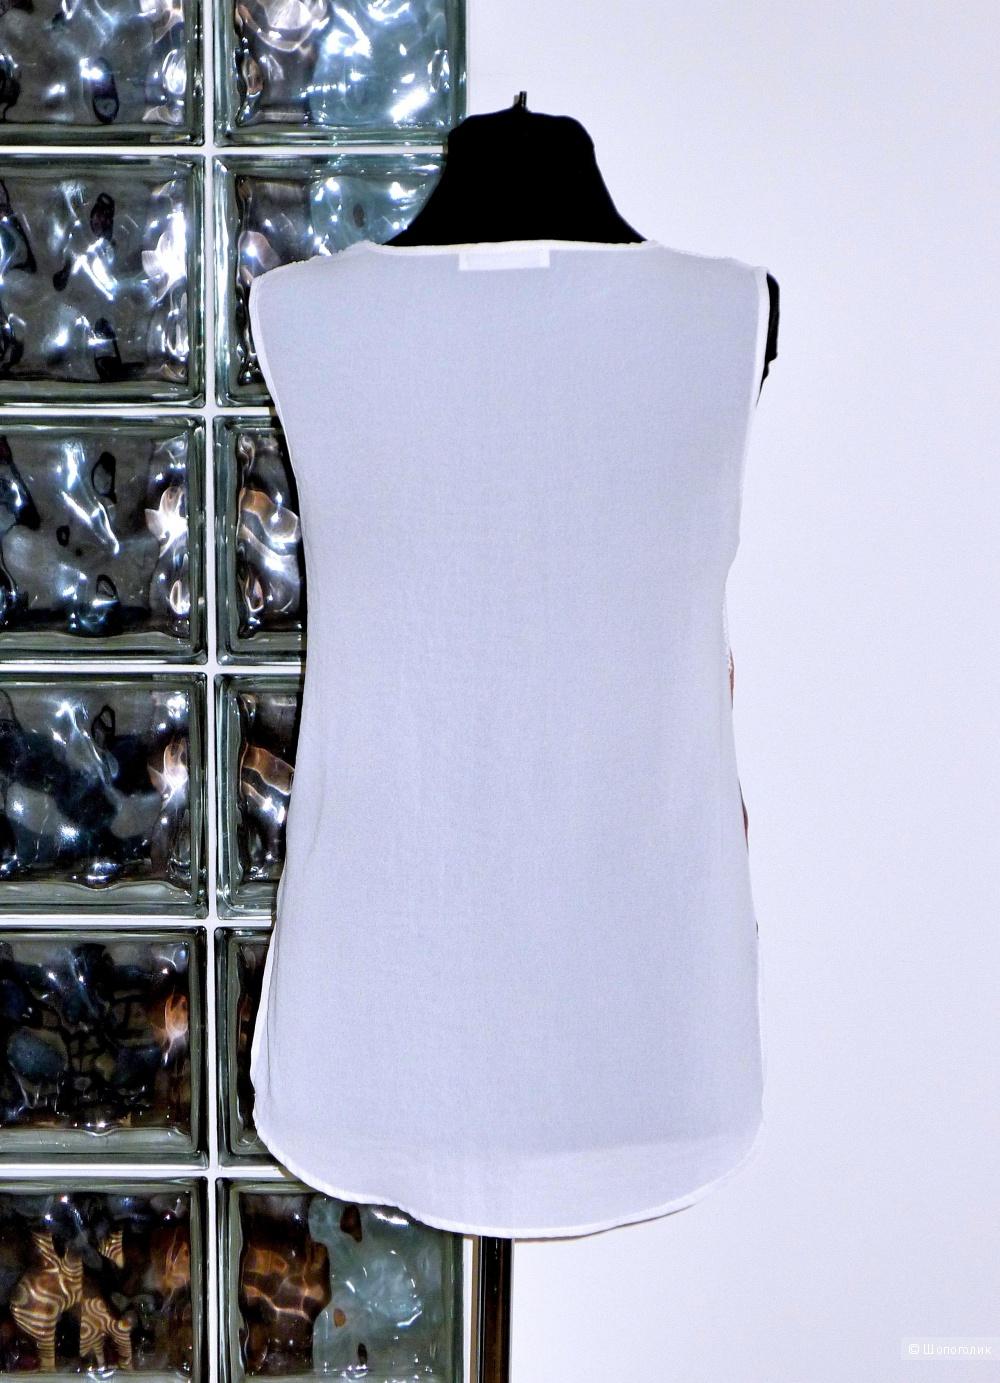 Топ футболка  ZARA UNIQLO STRADIVARIUS  размер S